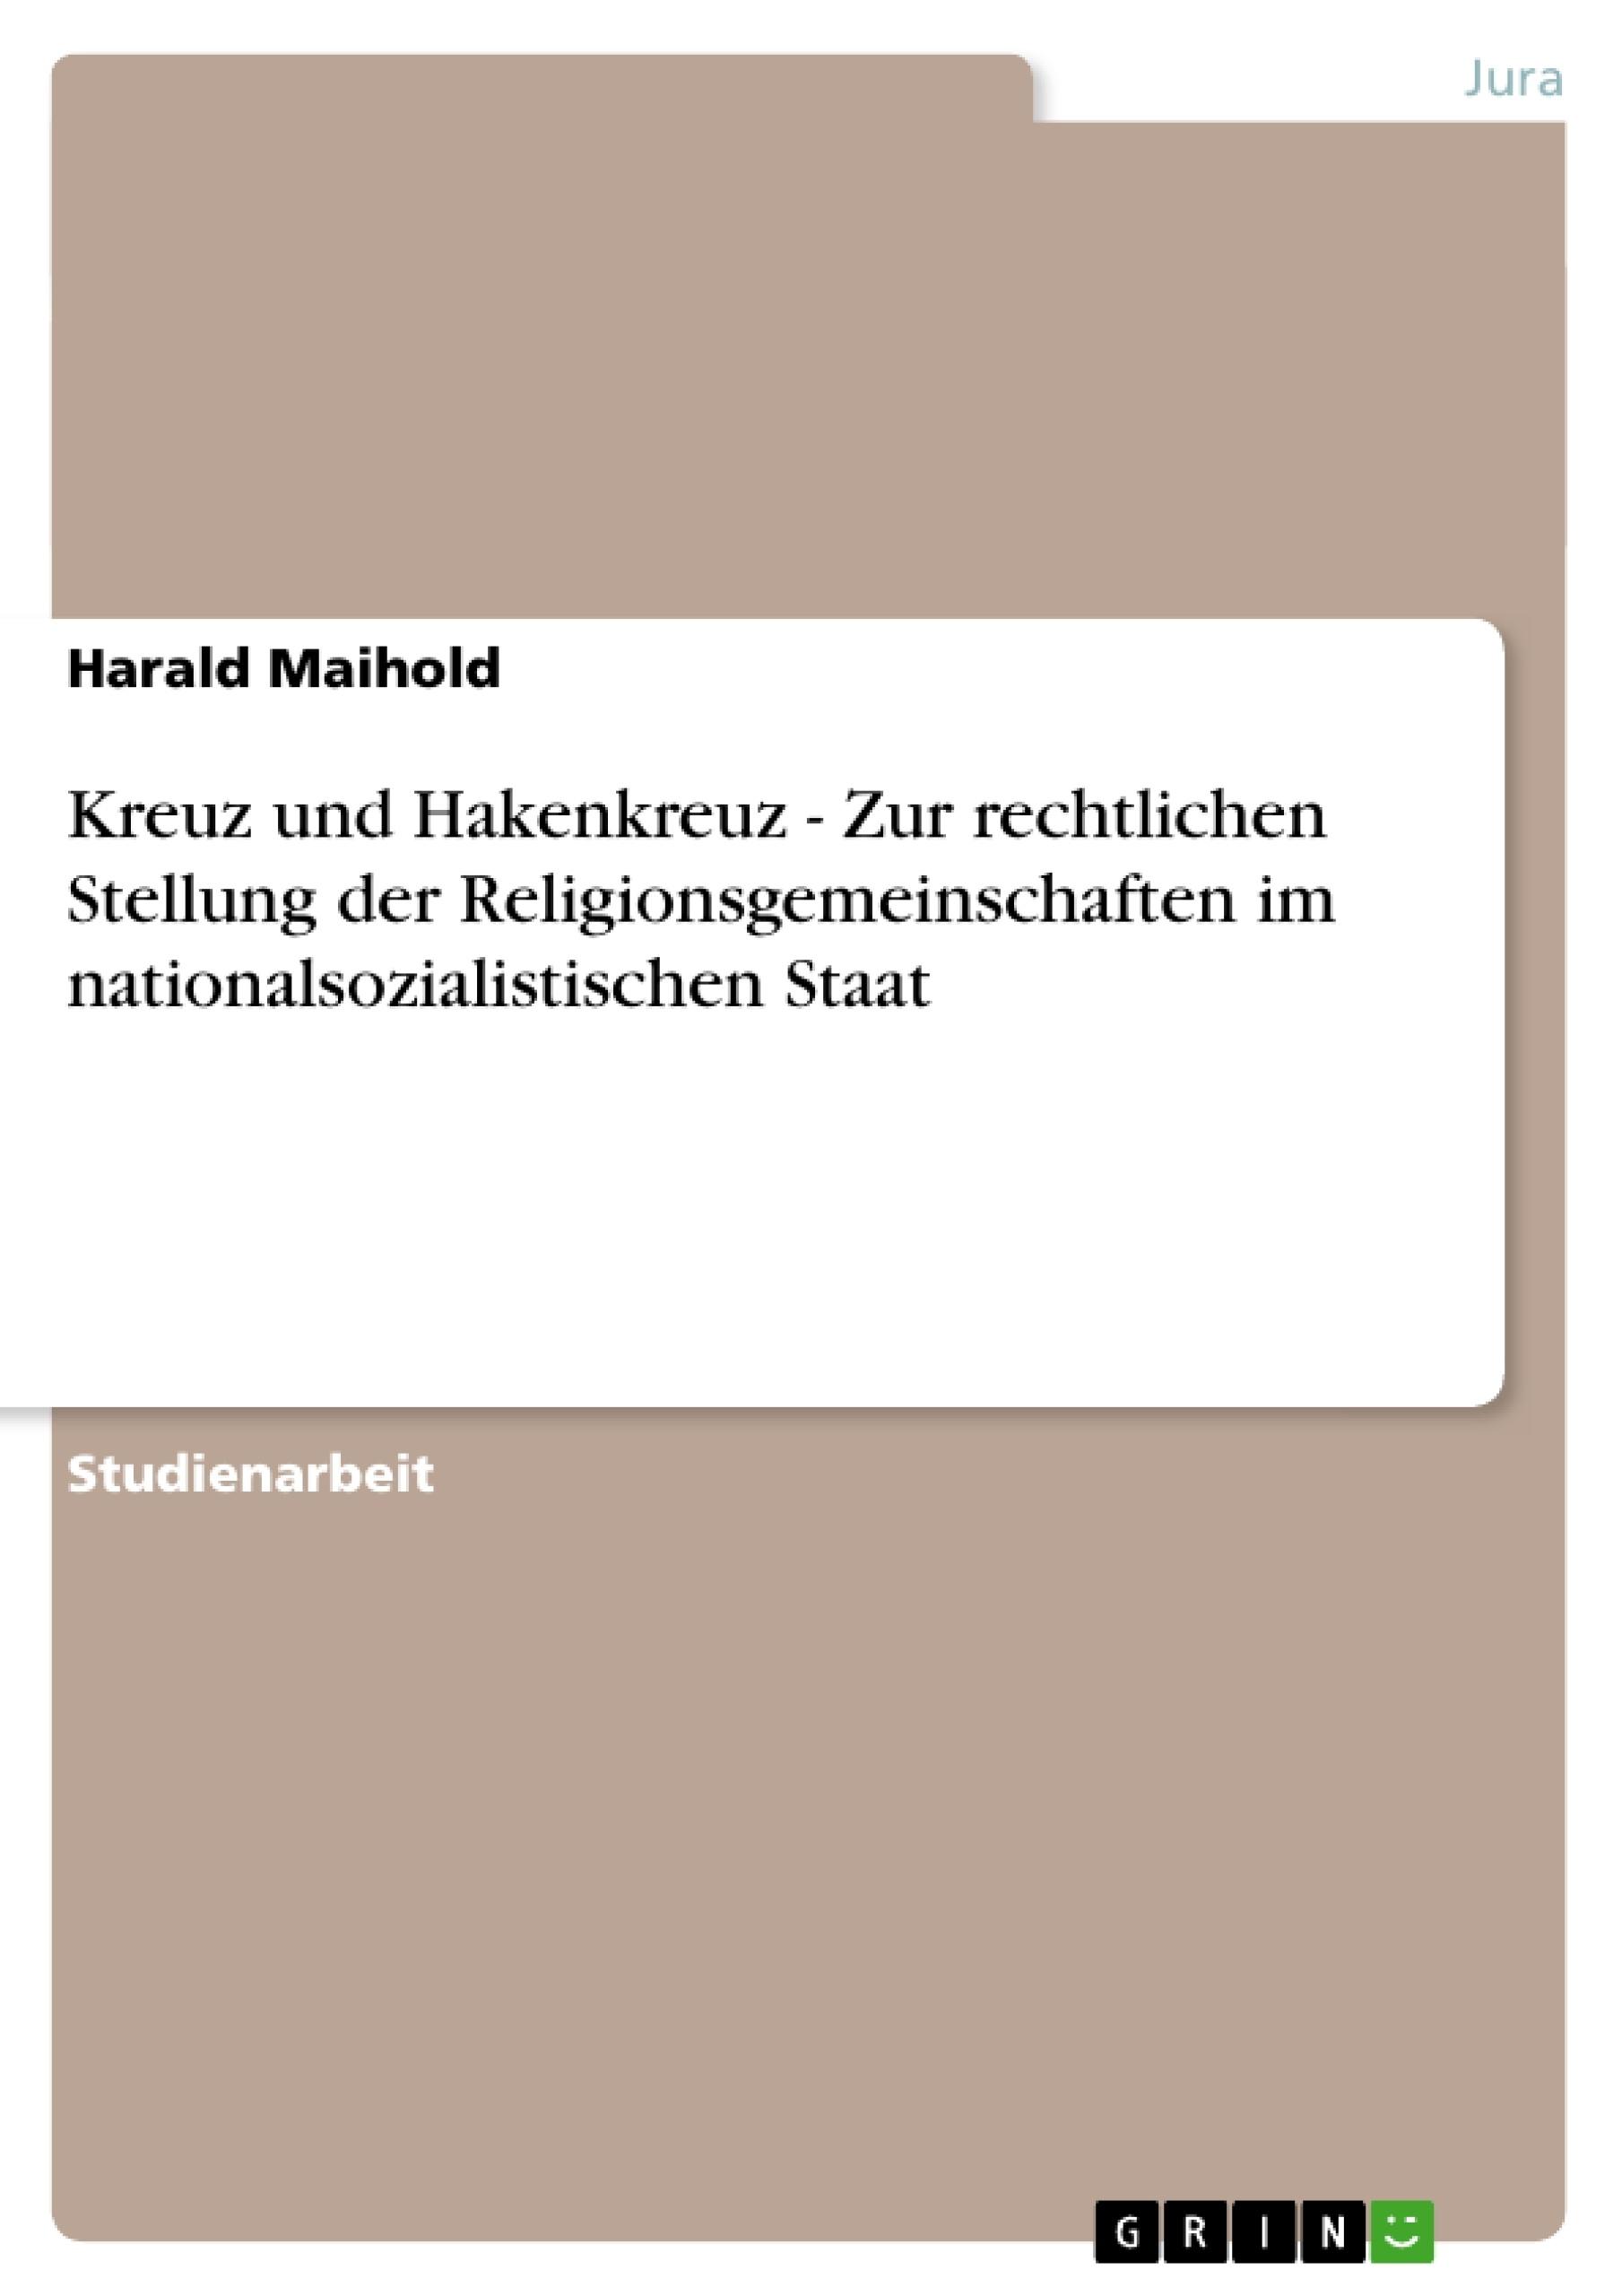 Titel: Kreuz und Hakenkreuz - Zur rechtlichen Stellung der Religionsgemeinschaften im nationalsozialistischen Staat